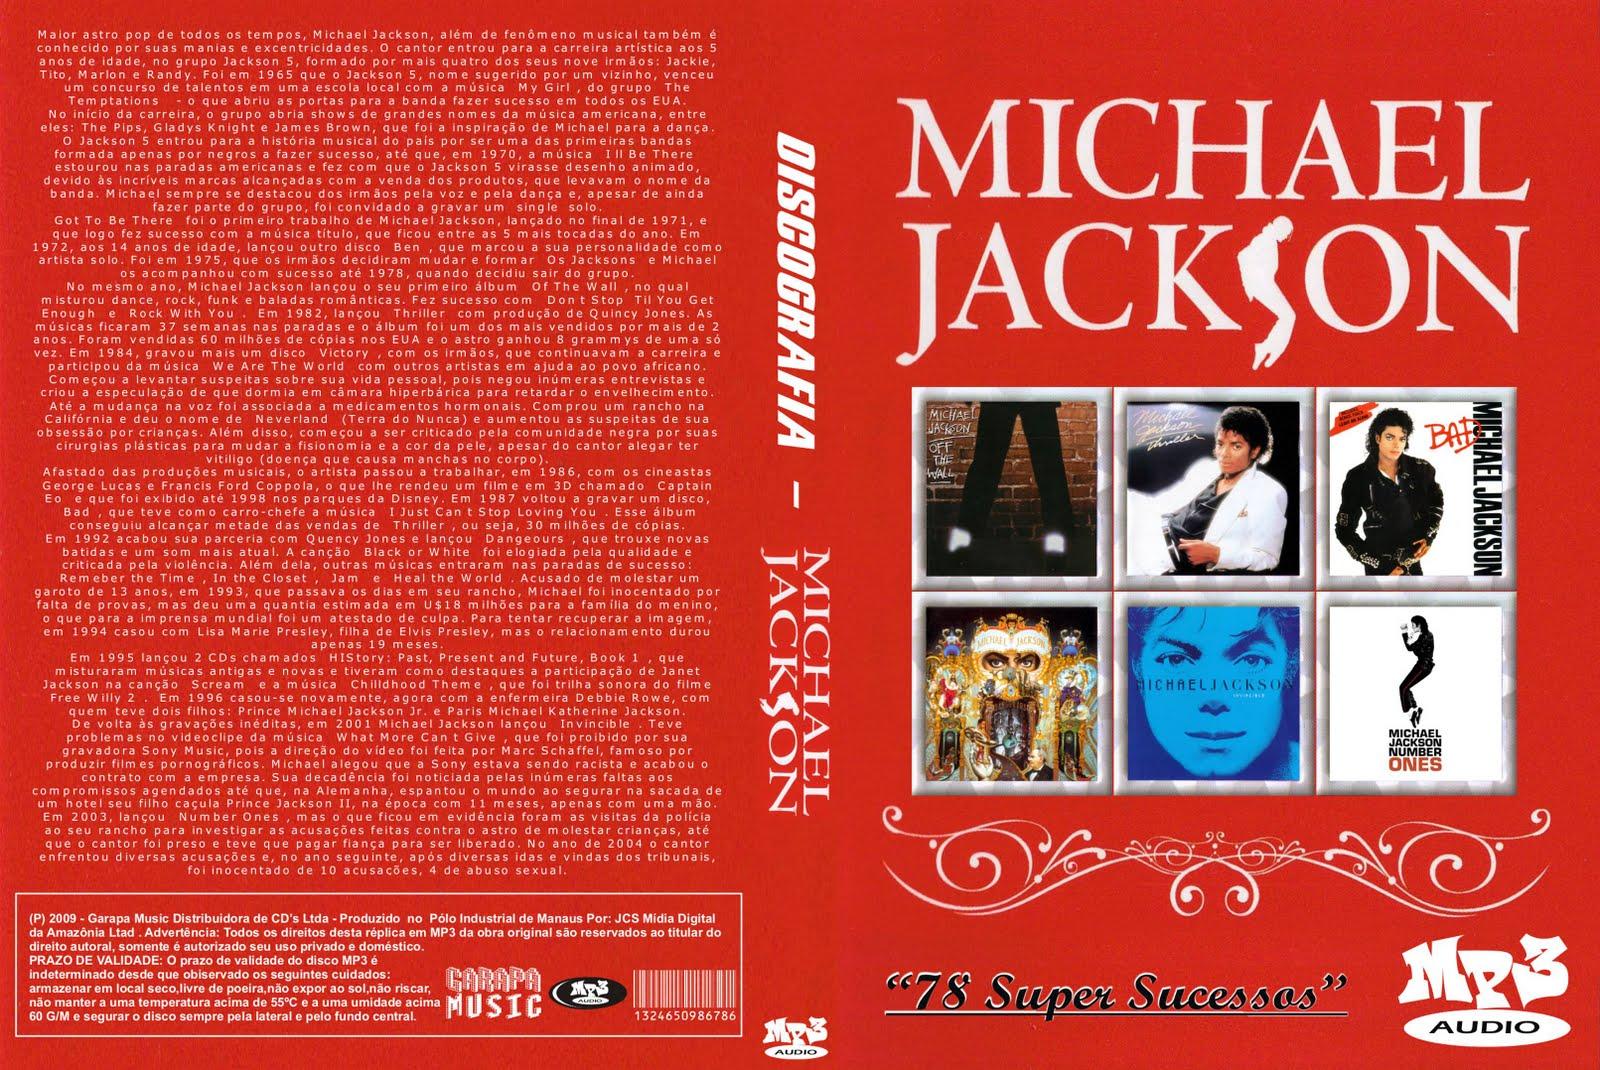 http://2.bp.blogspot.com/-4ahcAnA_IRA/TaAvmu9BWKI/AAAAAAAACyw/mowIR-iK168/s1600/MP3%2B-%2BMichael%2BJackson%2Bvol.1.jpg